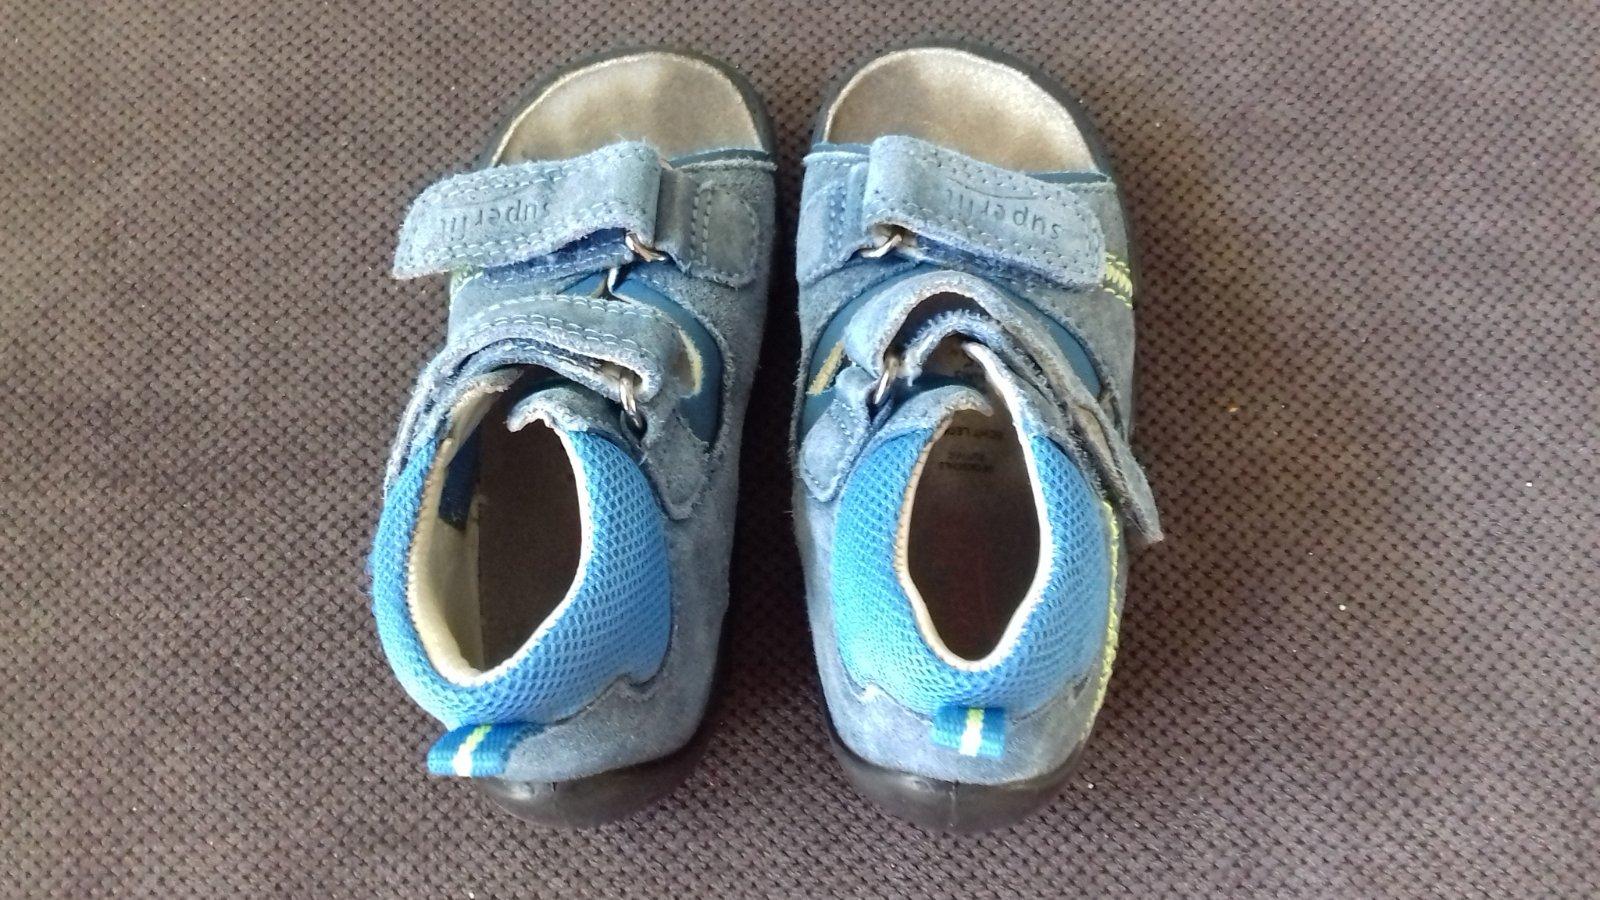 rudik3 • Nový Jičín. 5 inzerátů • 1 hodnocení. Detske kozene sandalky  superfit velikost 23 ... 1cab9315ef